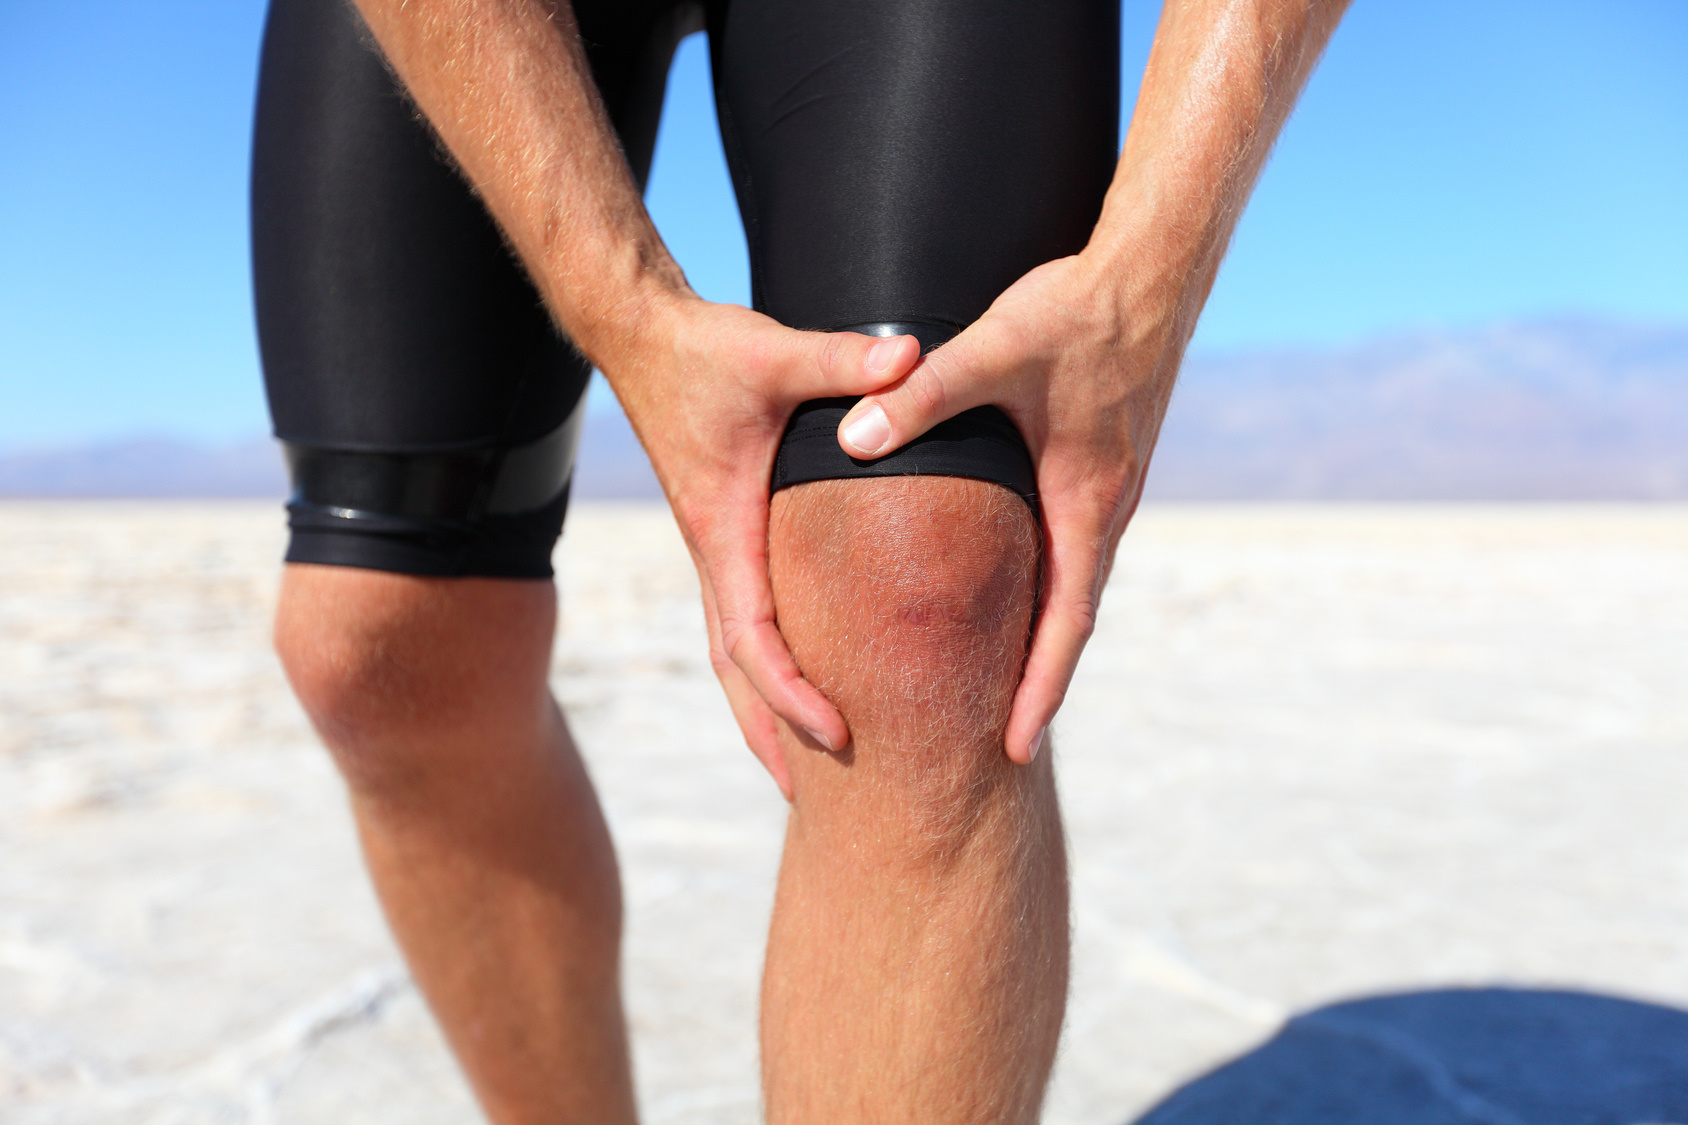 fáj a térdem mit tegyek gyógyszerek térdízületi gyulladás kezelésére